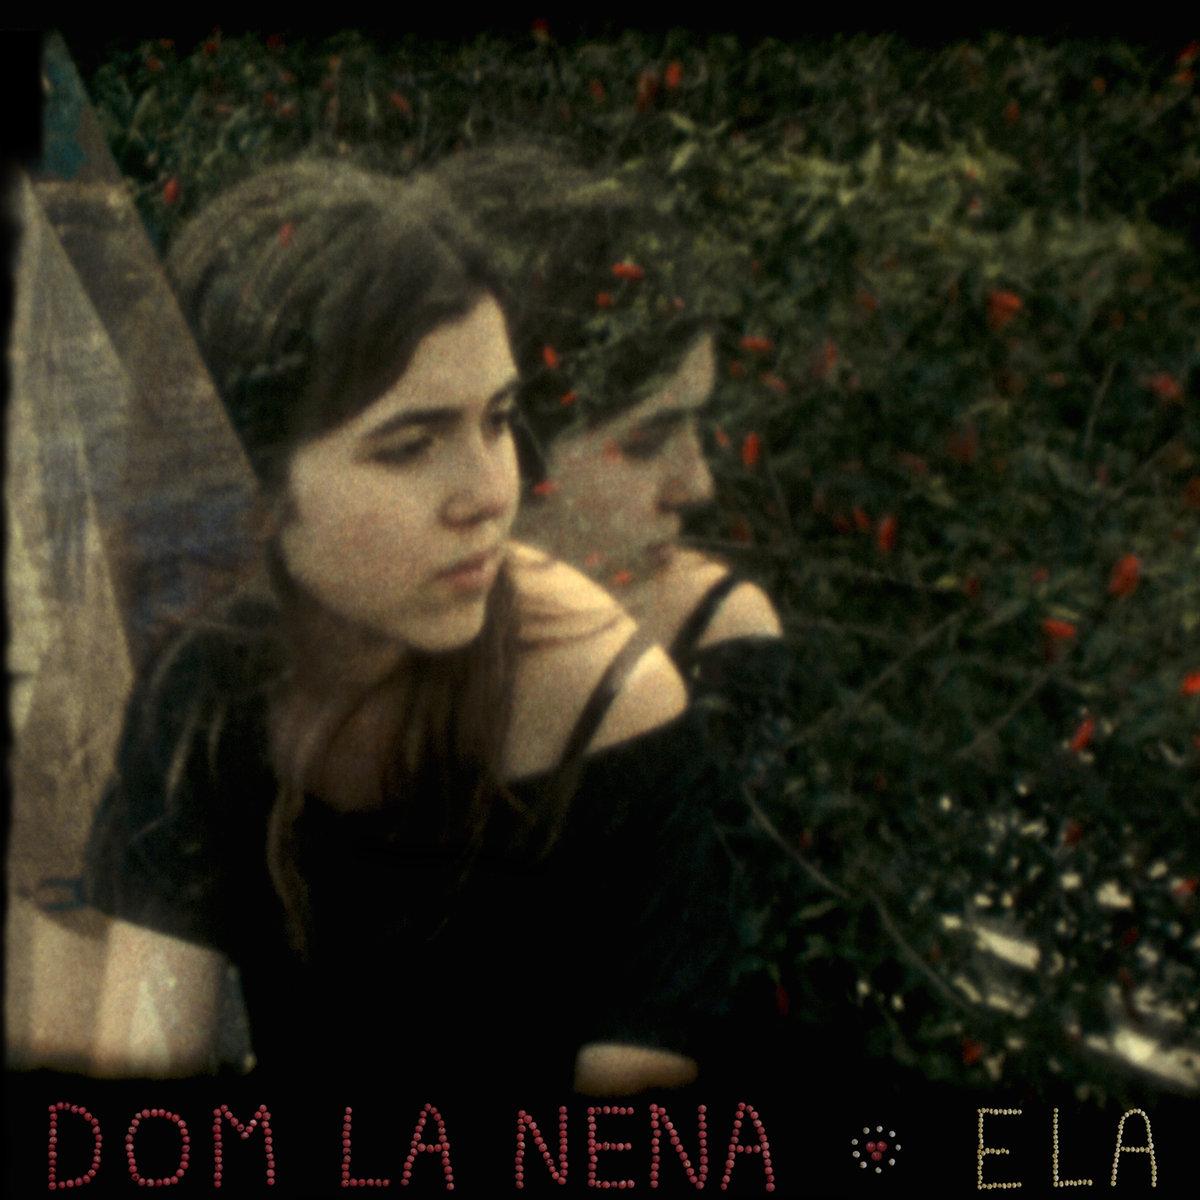 DOM LA NENA - ELA (SIX DEGREES RECORDS, 2013)